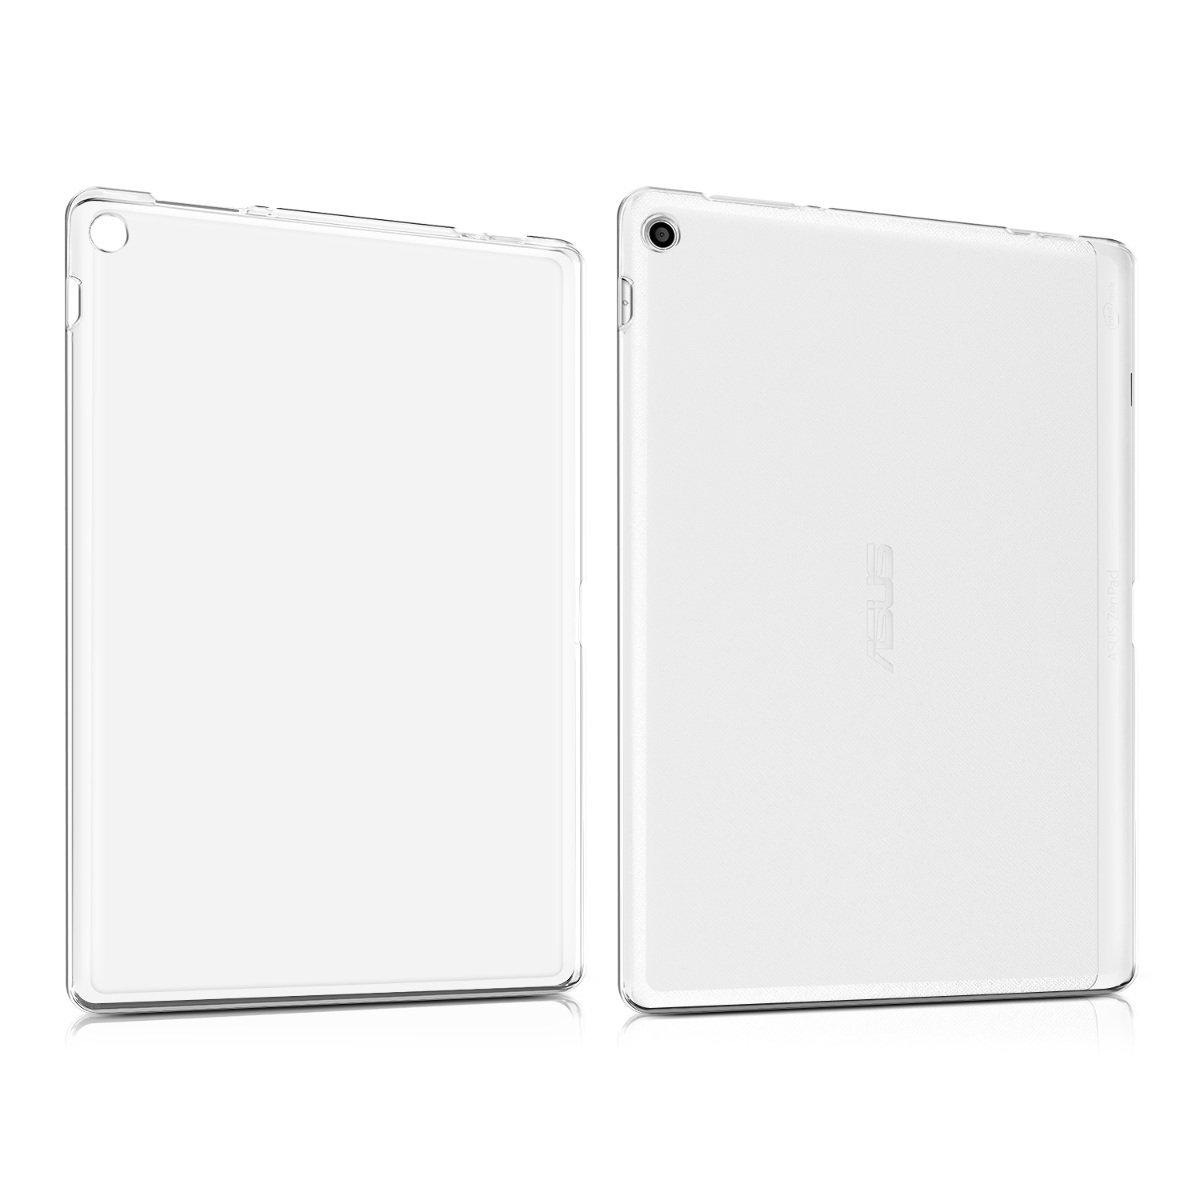 81fd99e8d7 https://images-na.ssl-images-amazon.com/images/I/51%2BLG6e7bKL._SL1200_.jpg.  お気に入り詳細を見る · 【楽天市場】ASUS ZenPad 10 Z300C ケース カバー ...